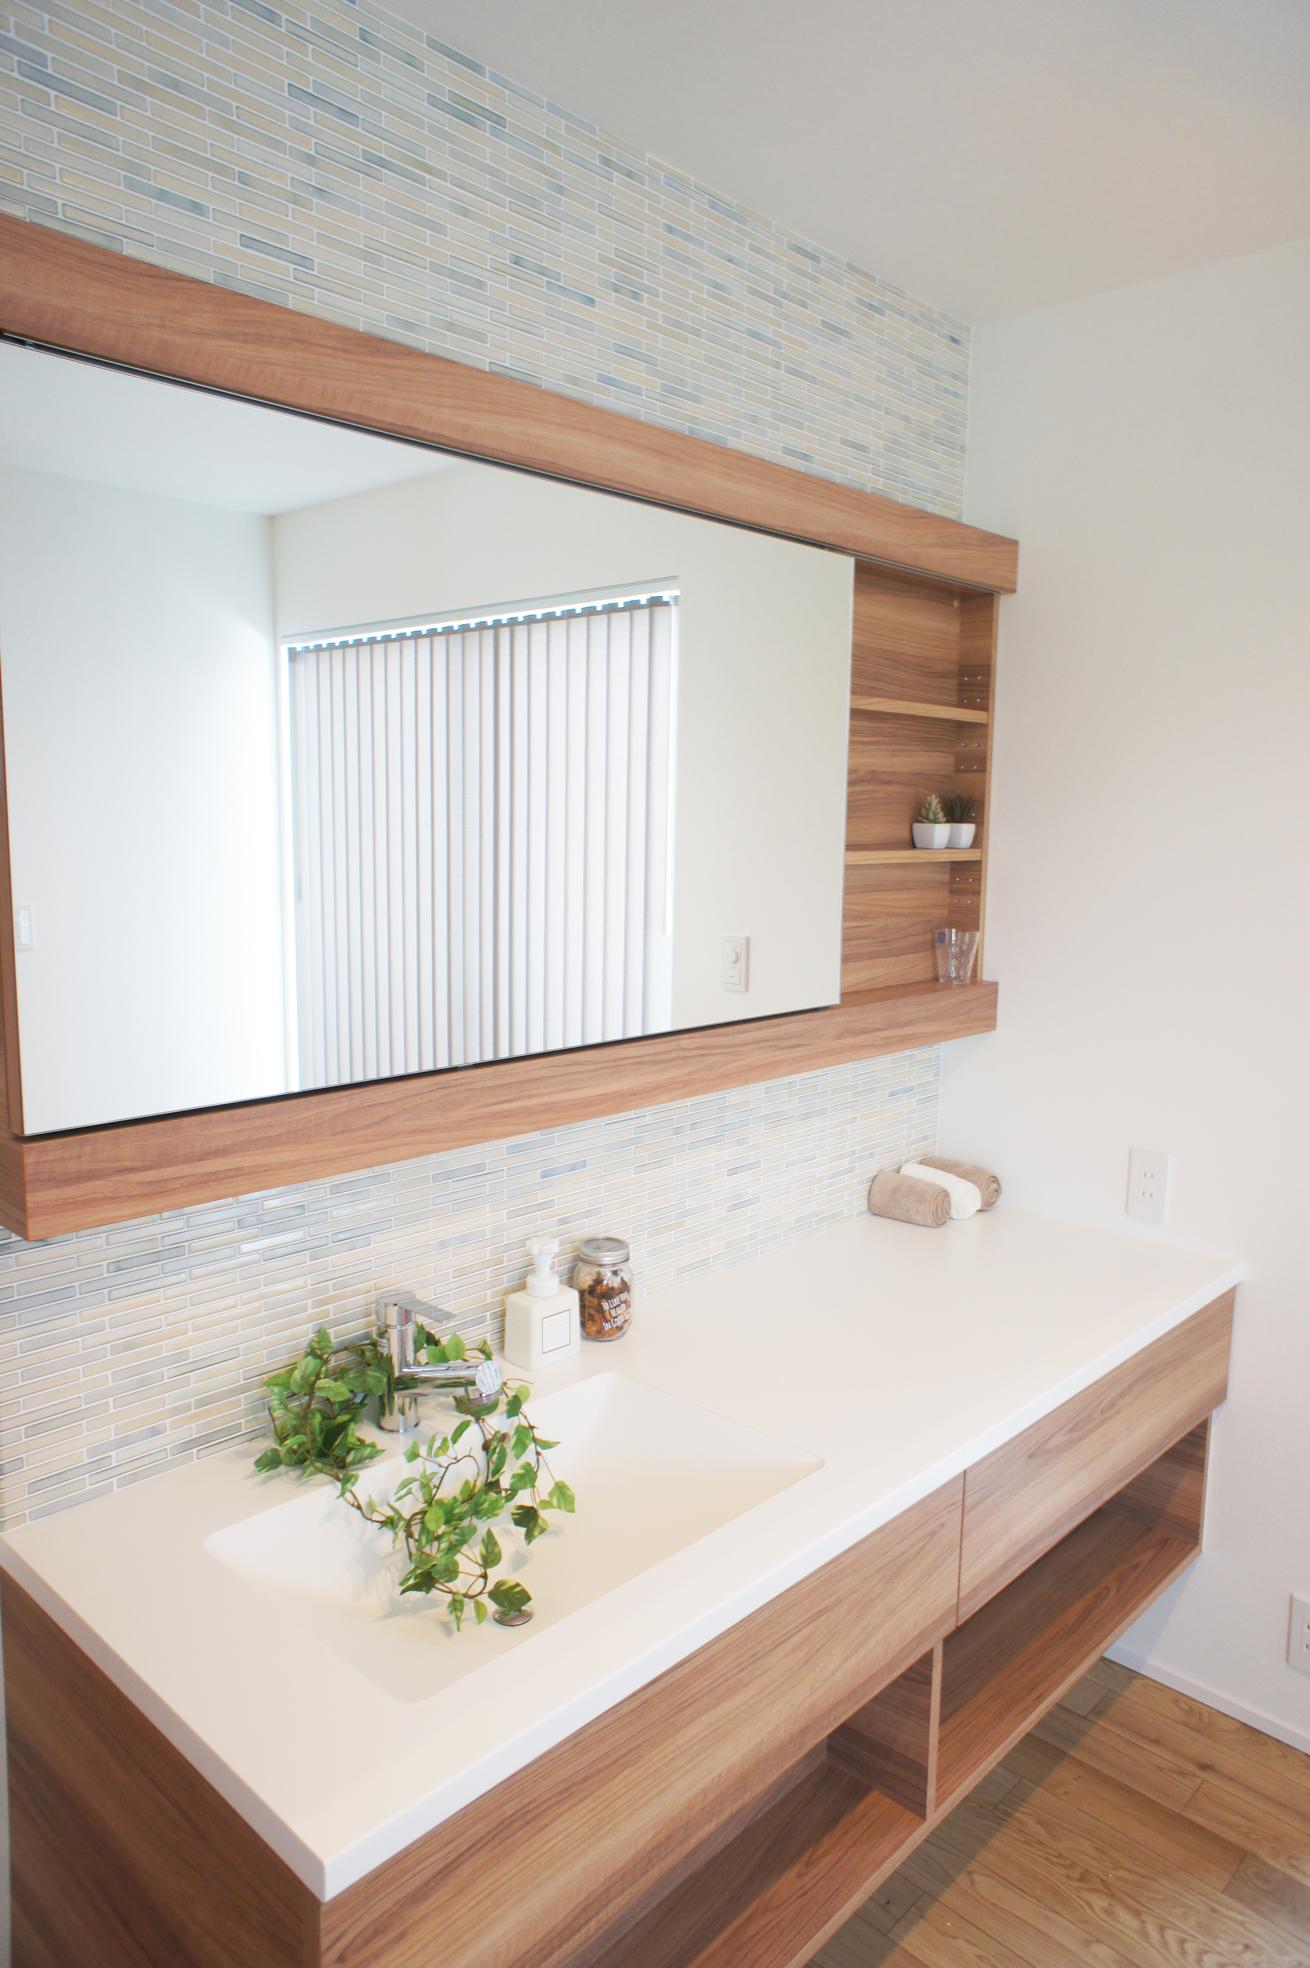 製作の洗面化粧台を明るい床の色に合わせてオークの色味とモザイクタイルで明るさを表現。 アイロン掛けもできるようにワイドは広め。鏡がスライドして裏には収納スペースが。